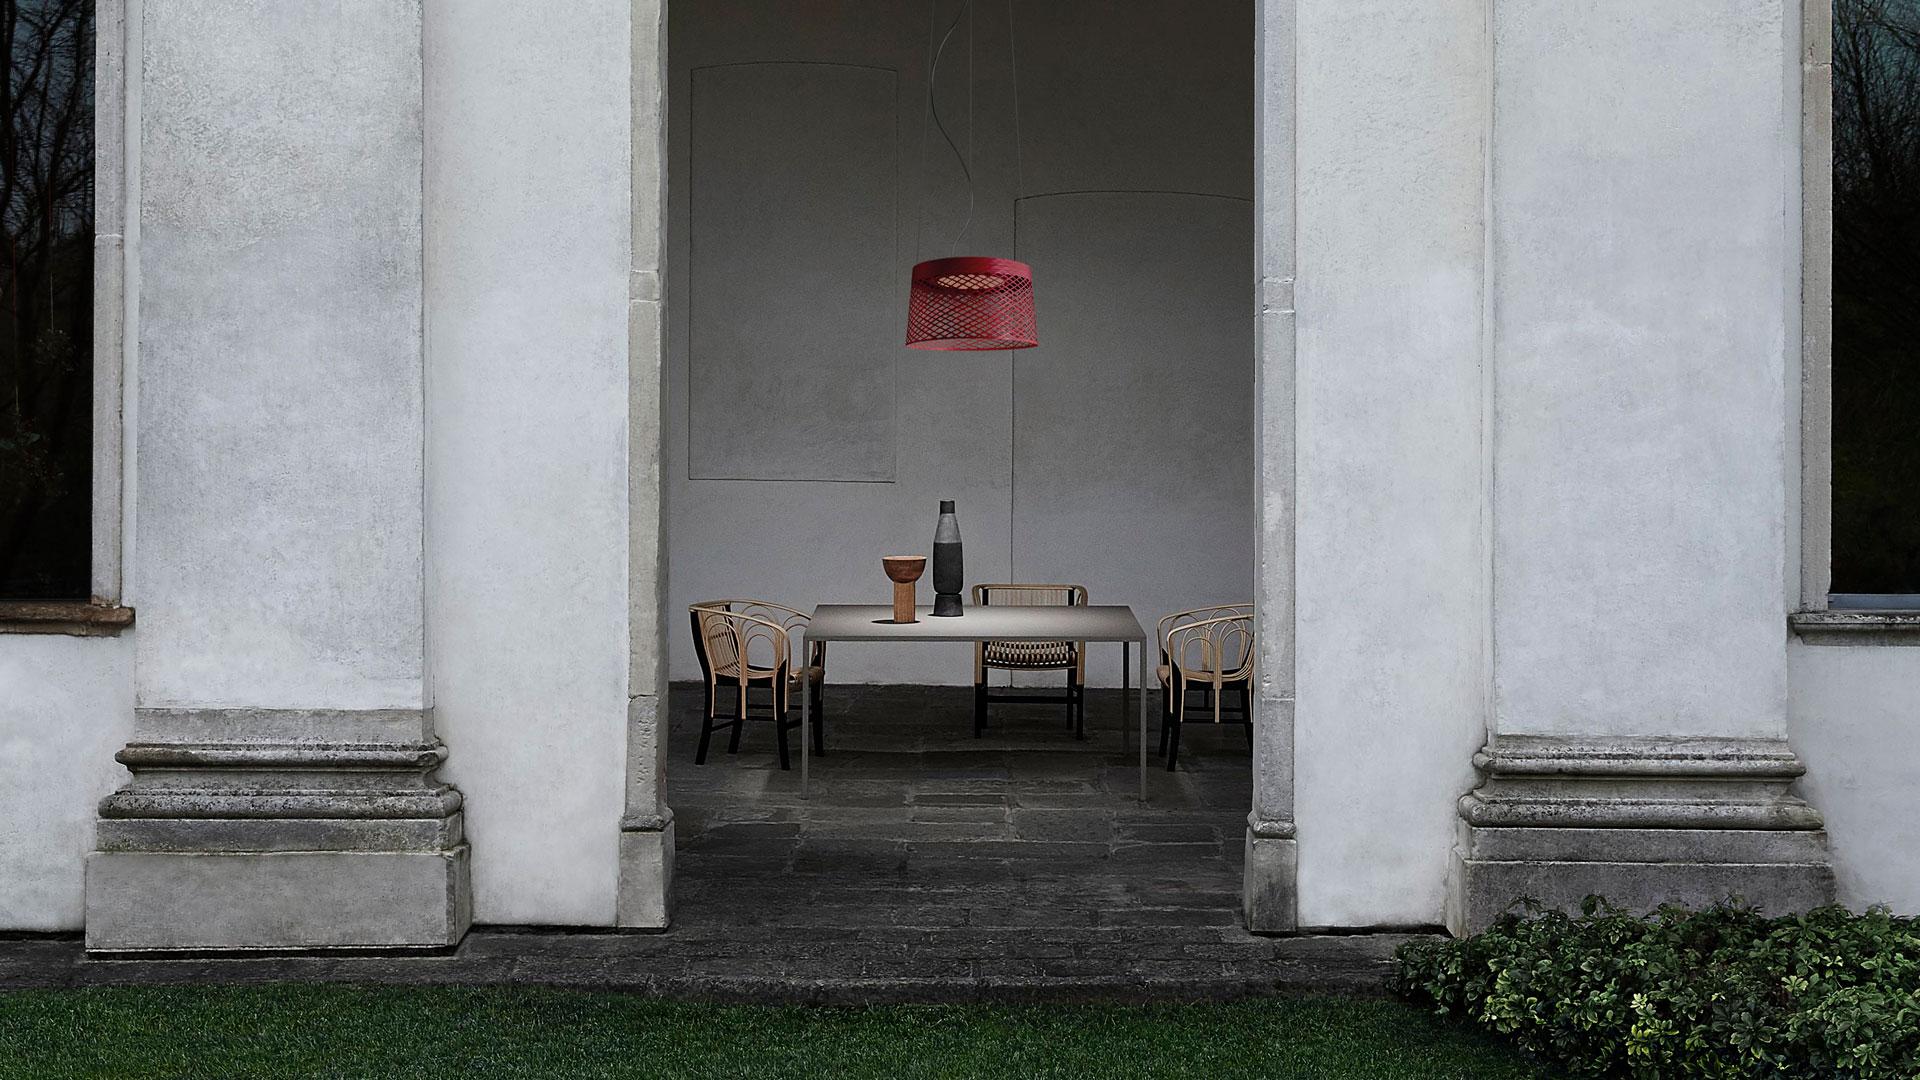 Lampada a sospensione outdoor Twiggy Grid creata dal designer Marc Sadler per Foscarini appesa sopra un tavolo in un contesto esterno durante il giorno